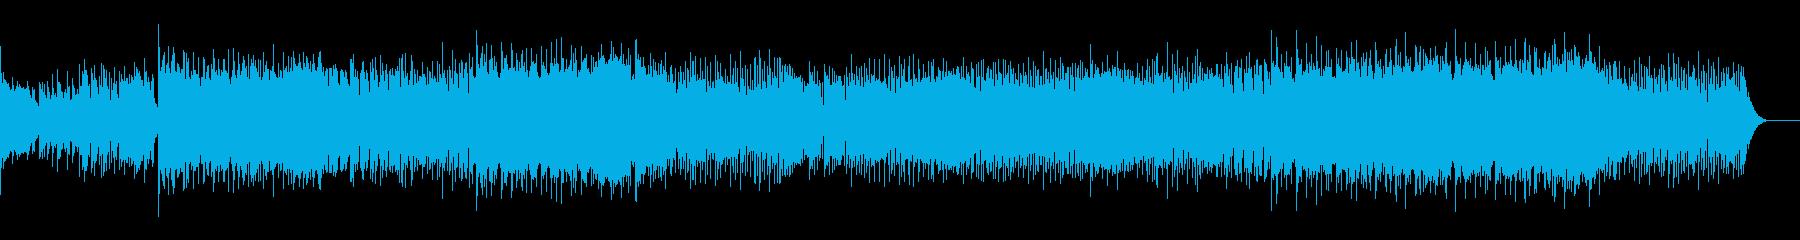 Popで可愛いテンポ早めの楽曲の再生済みの波形